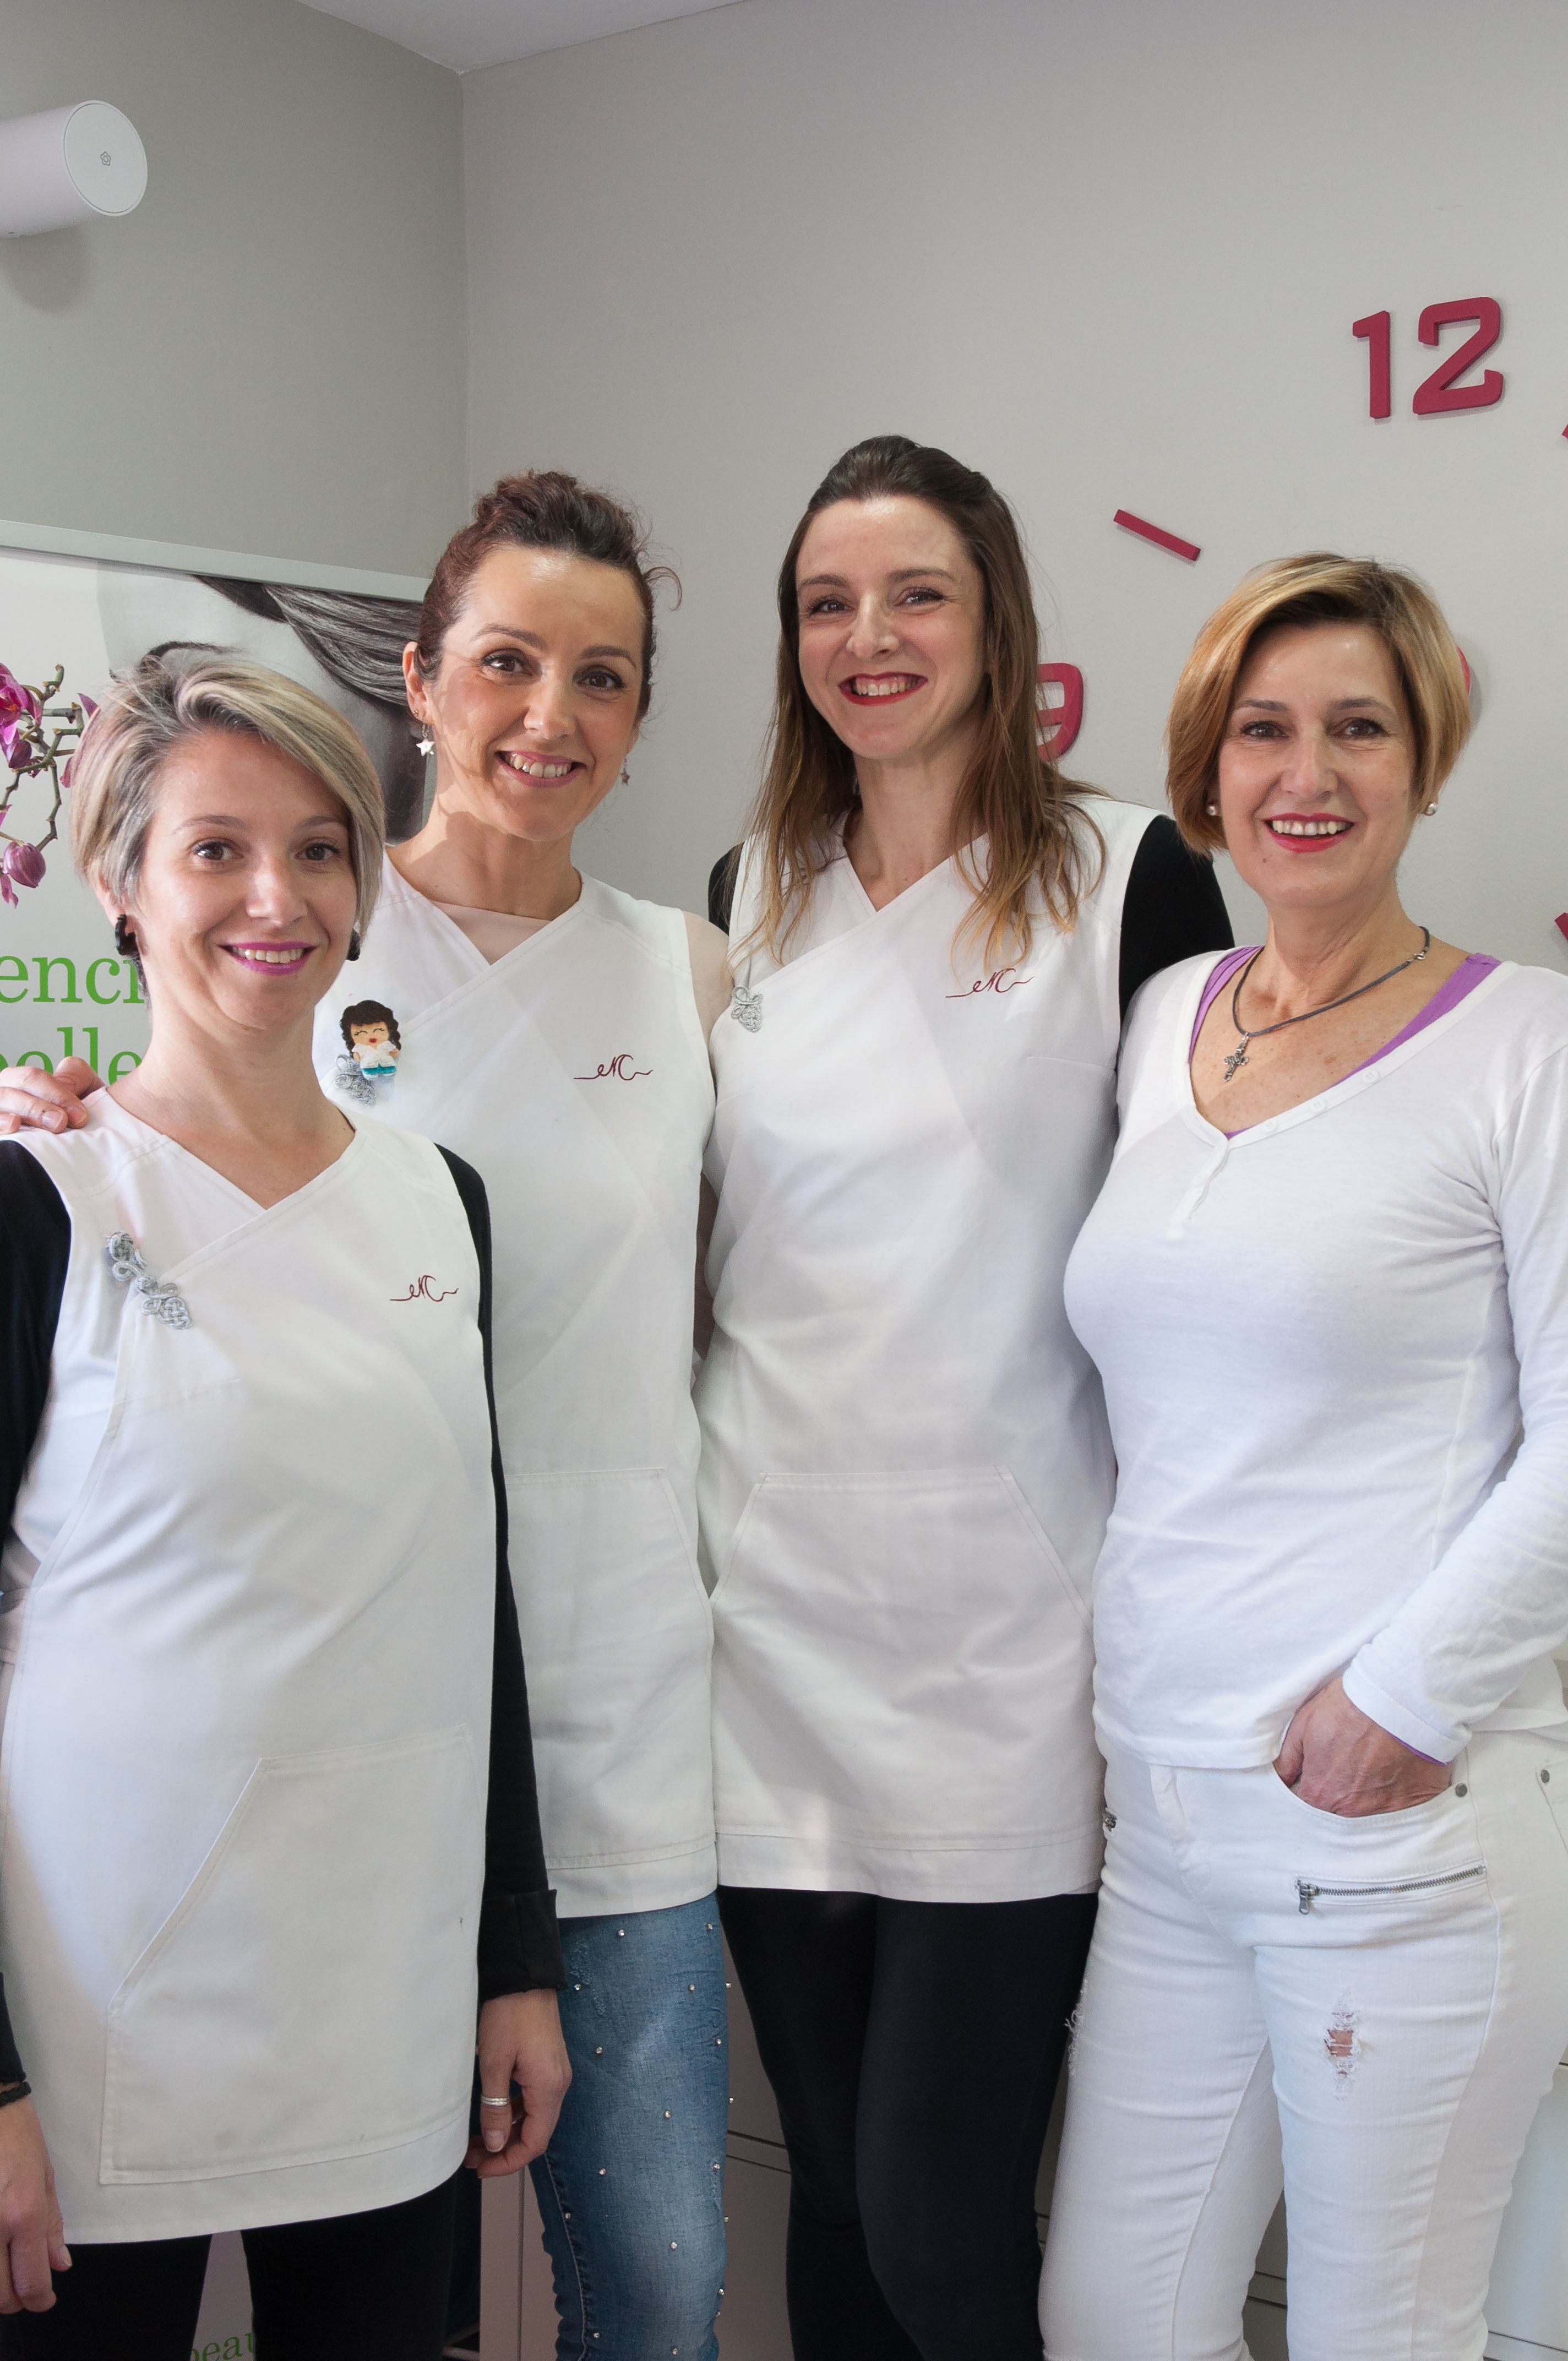 Equipo de profesionales de nuestro centro Estymas en Dos Hermanas, Sevilla